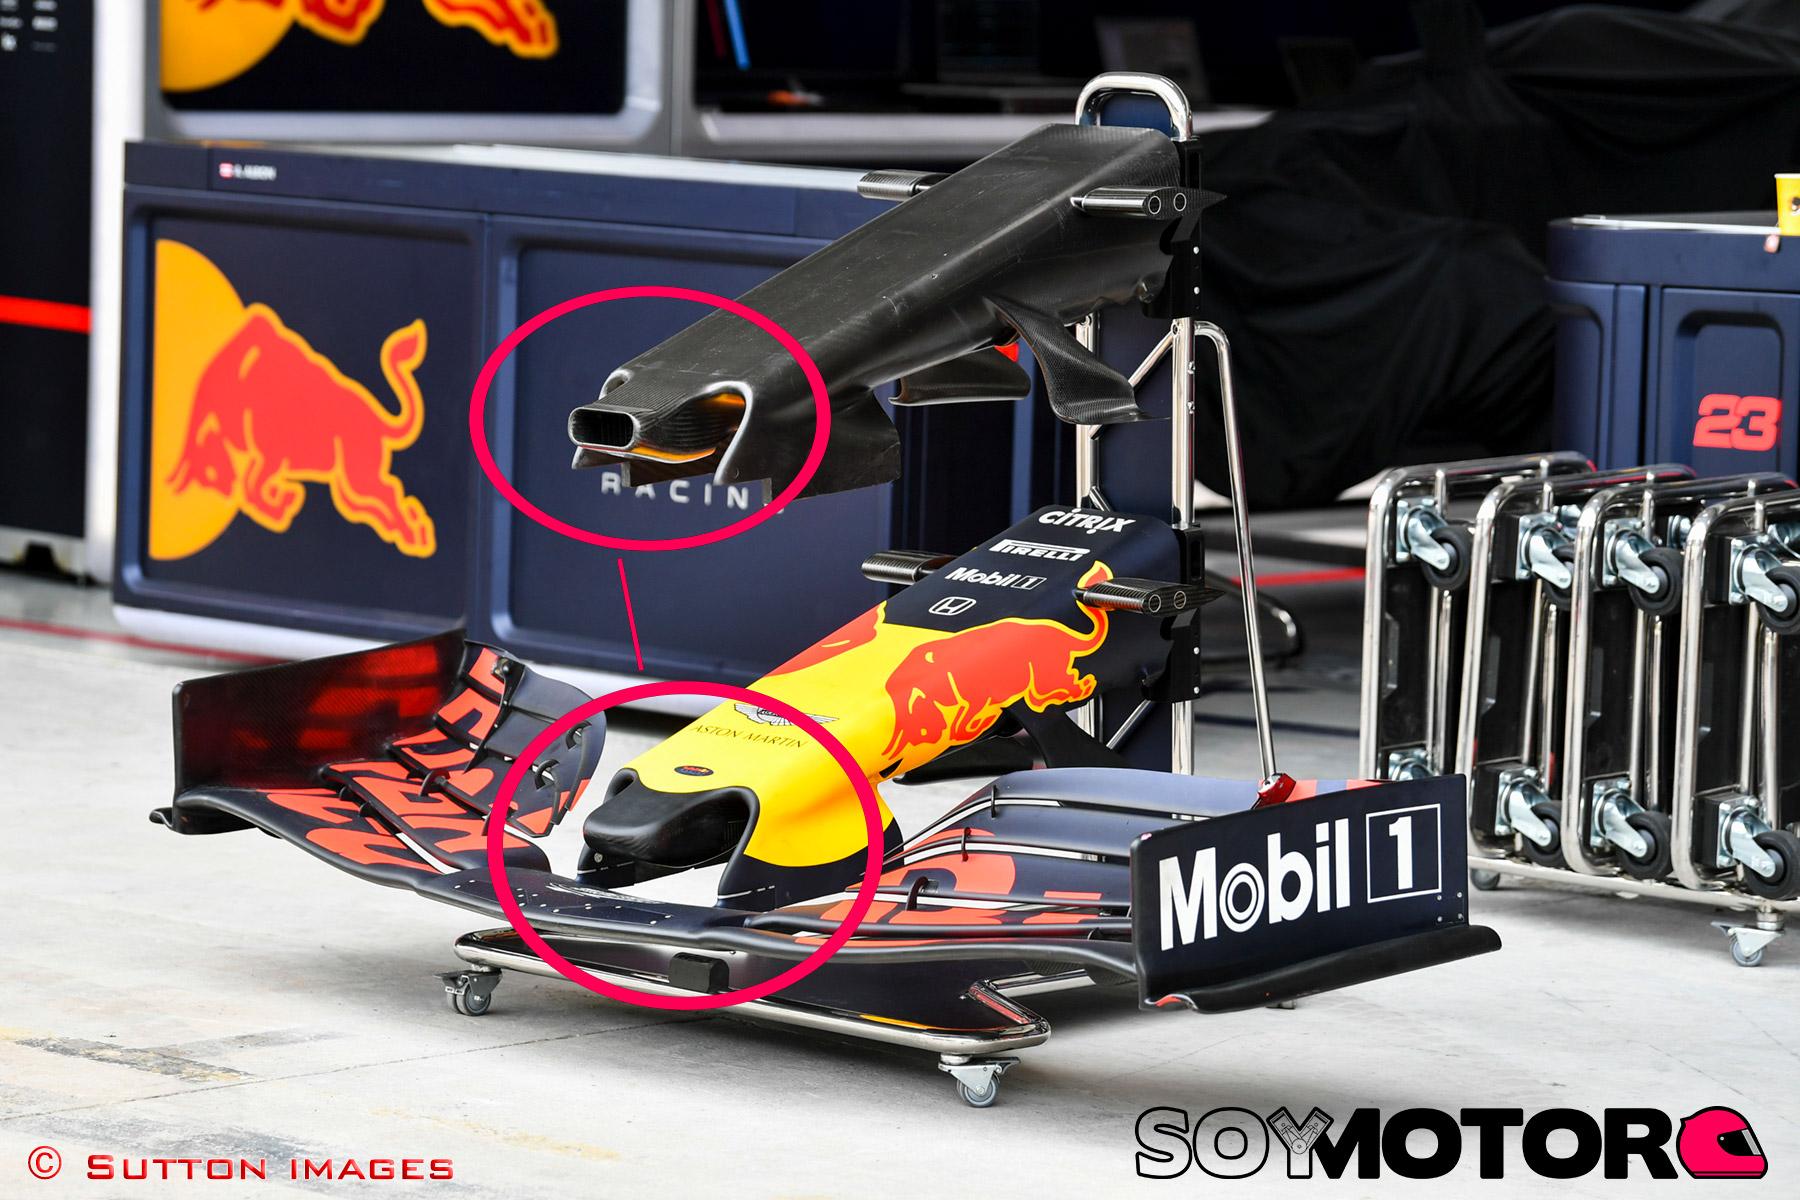 red-bull-dos-morros-soymotor.jpg